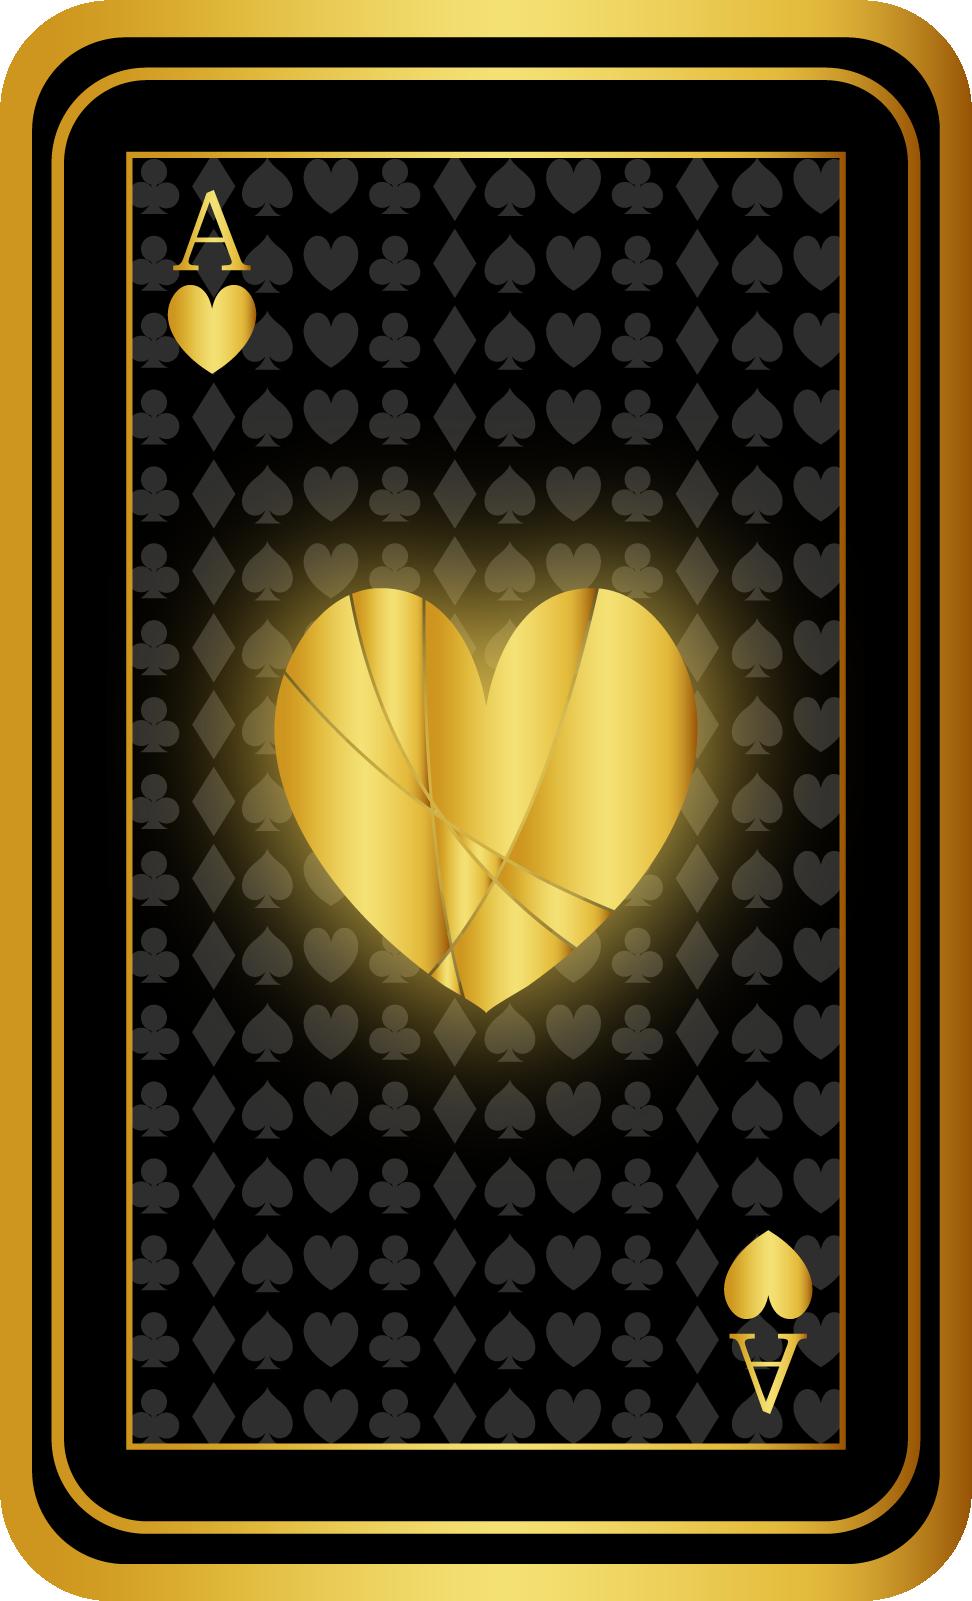 카드 이미지